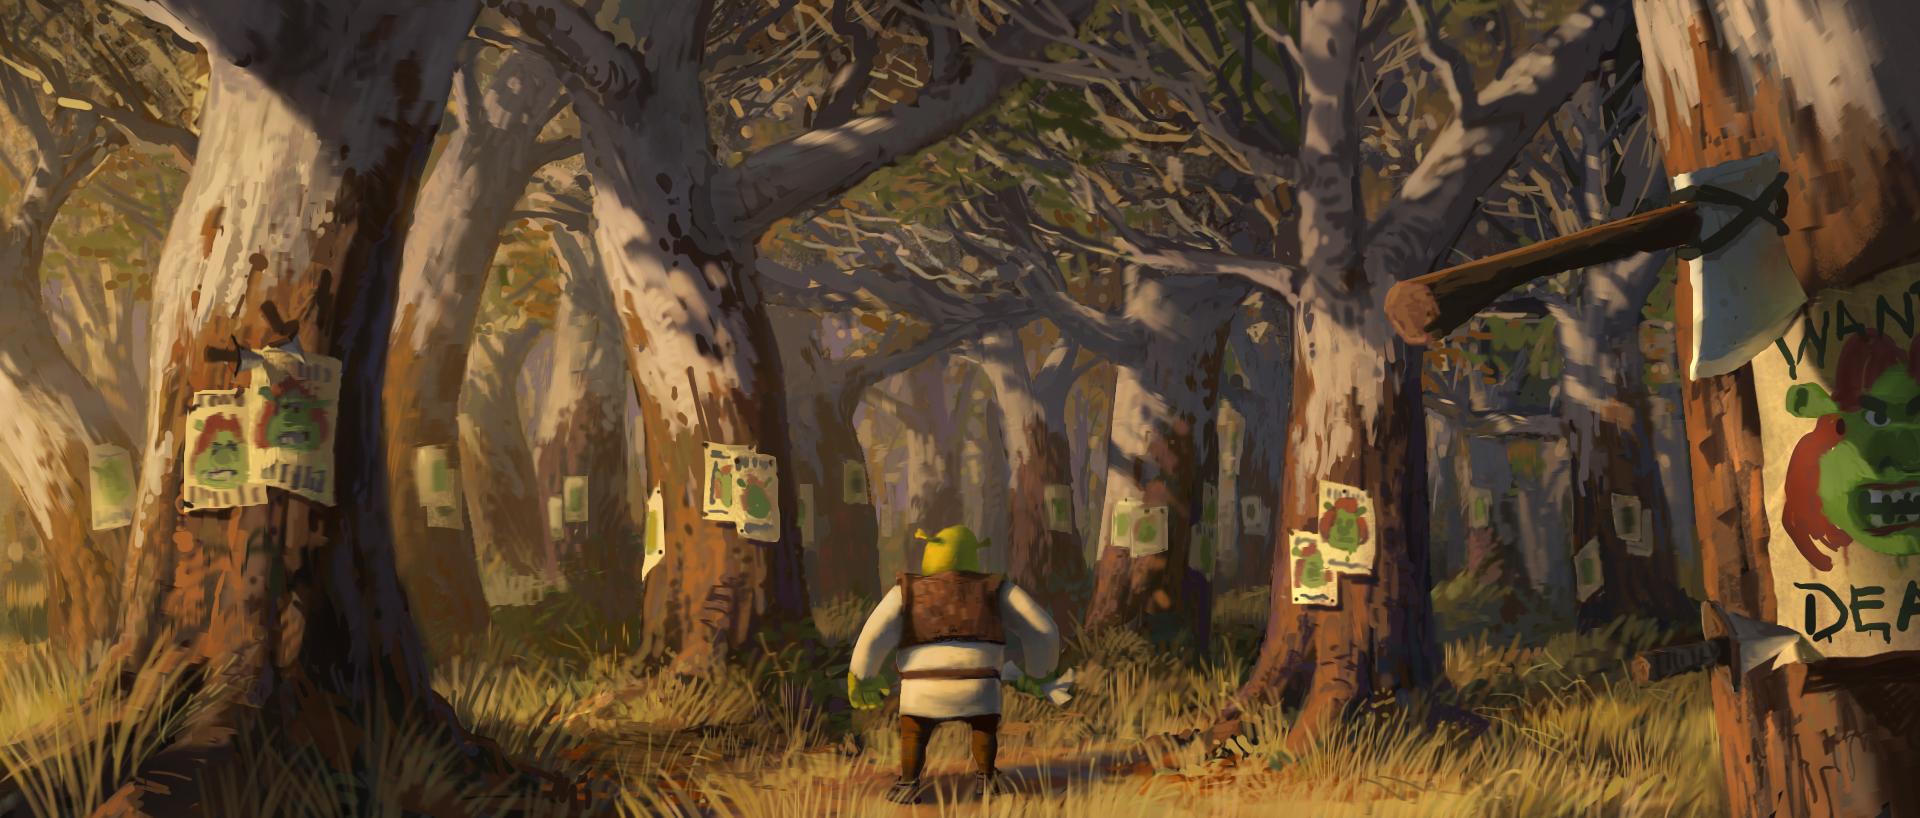 Shrek Forever After, DWA Color Key